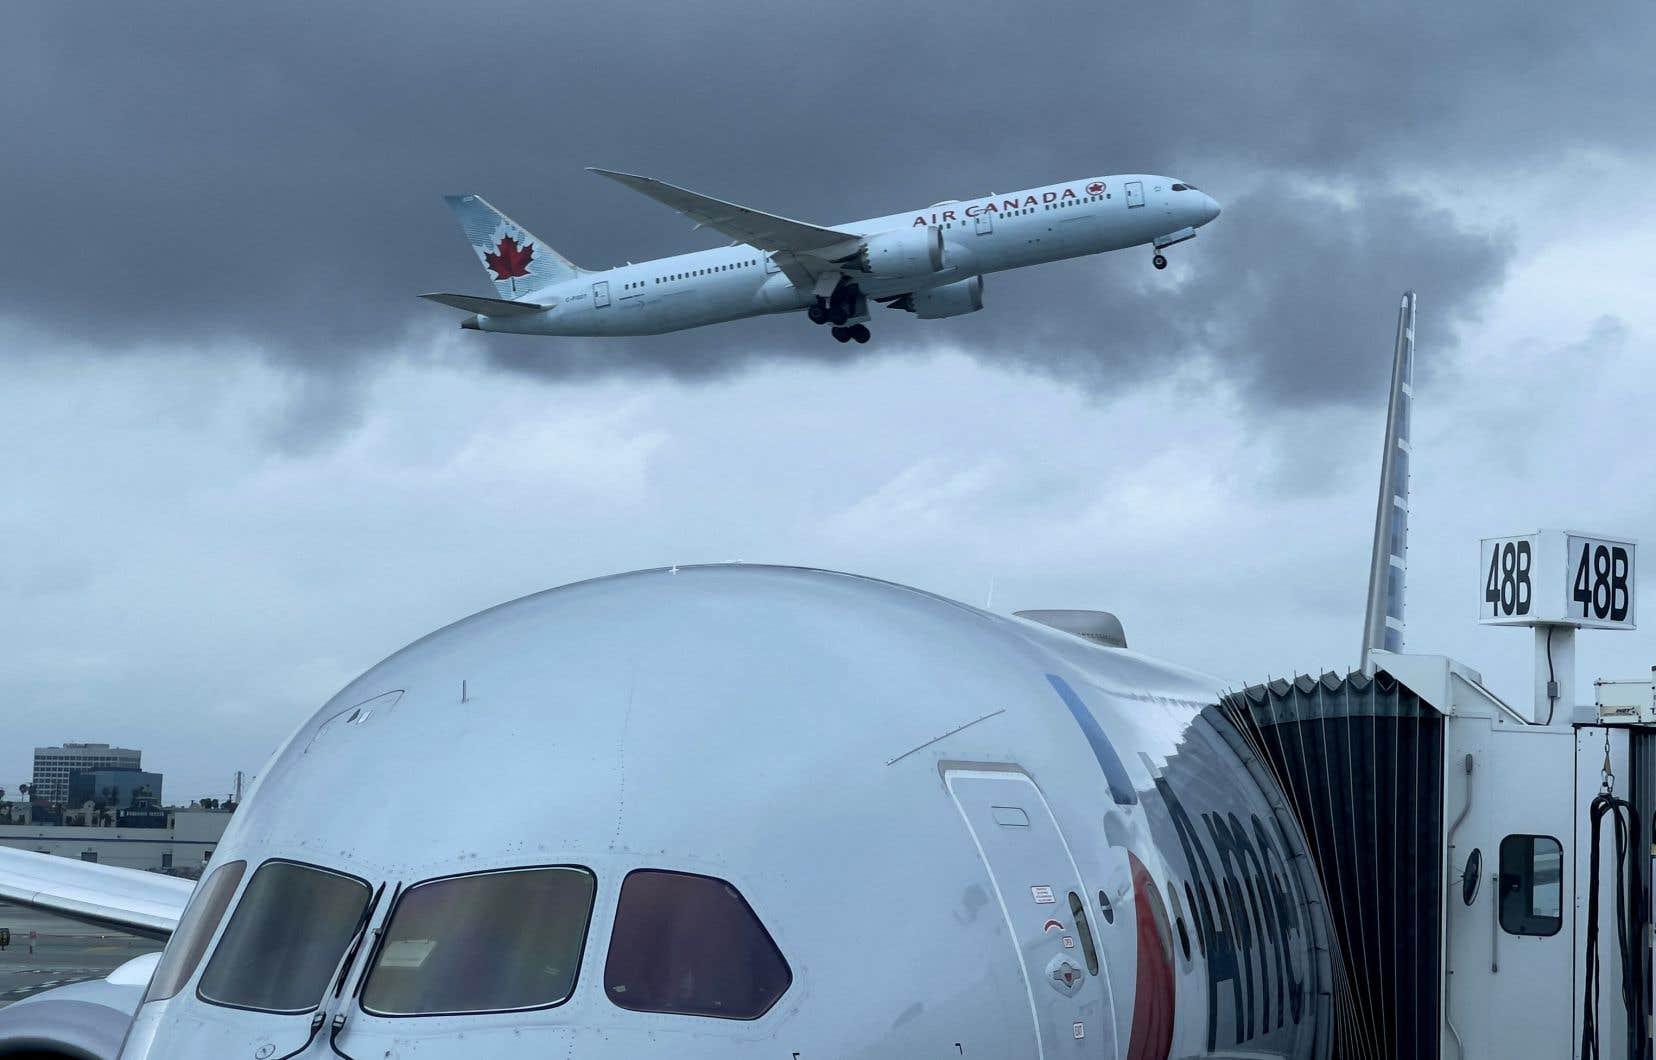 Durant la crise sanitaire, Air Canada a mis à pied près de 20000 employés, soit 60% de ses effectifs.